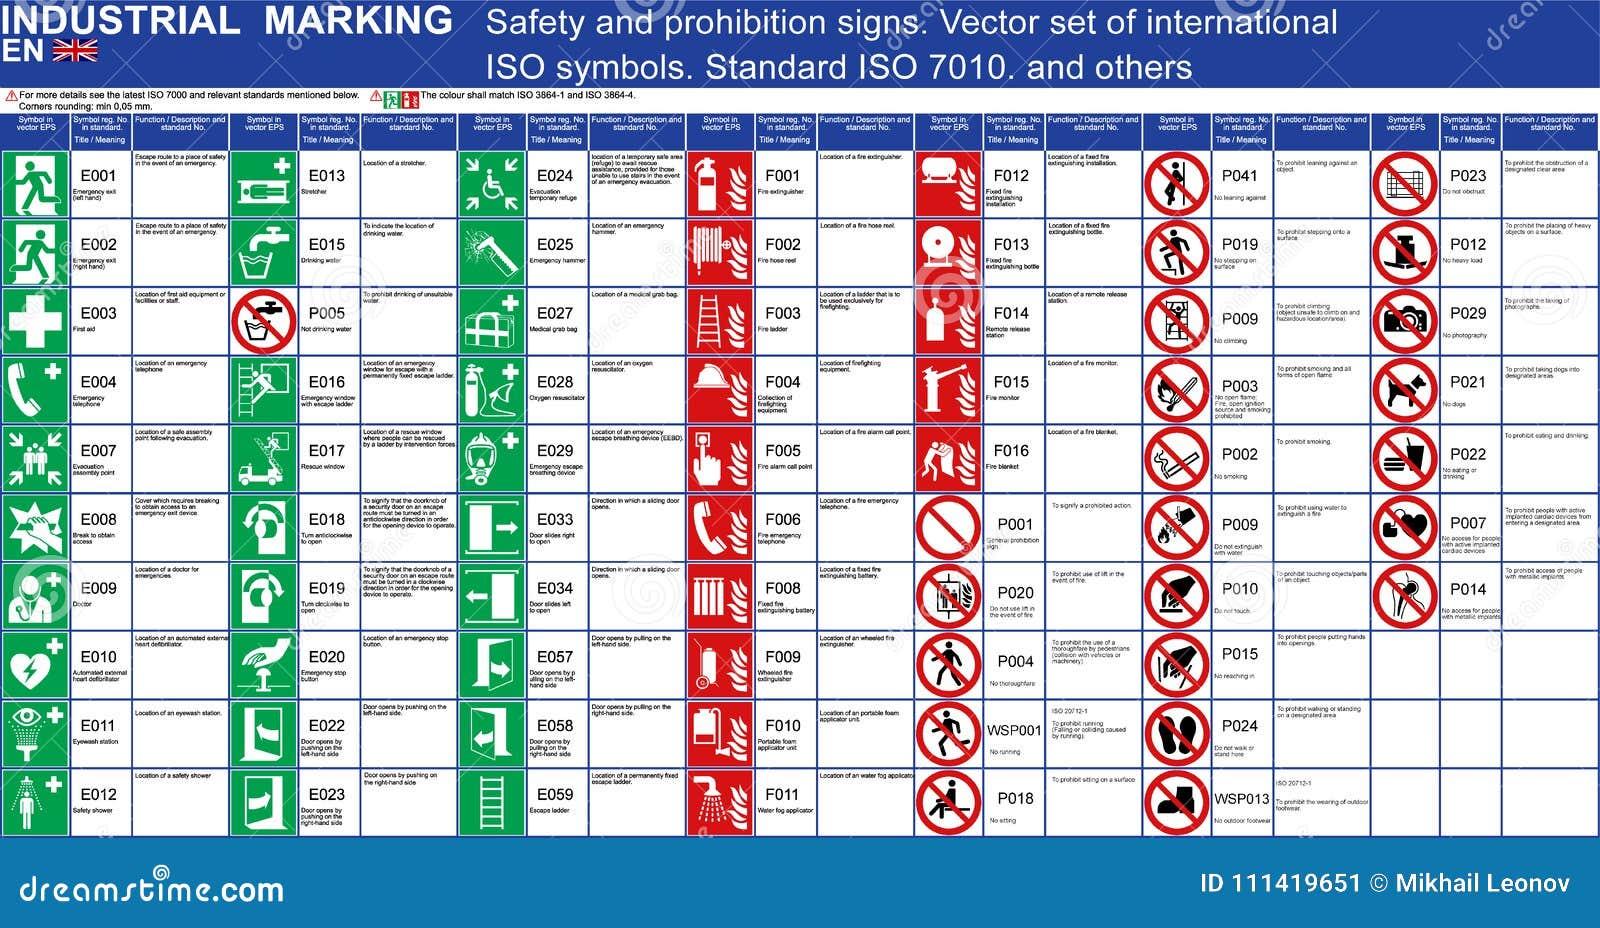 Комплект запрета знаков безопасности вектора подписывает применения зданий Символы безопасности вектора ISO 7010 стандартные Safe